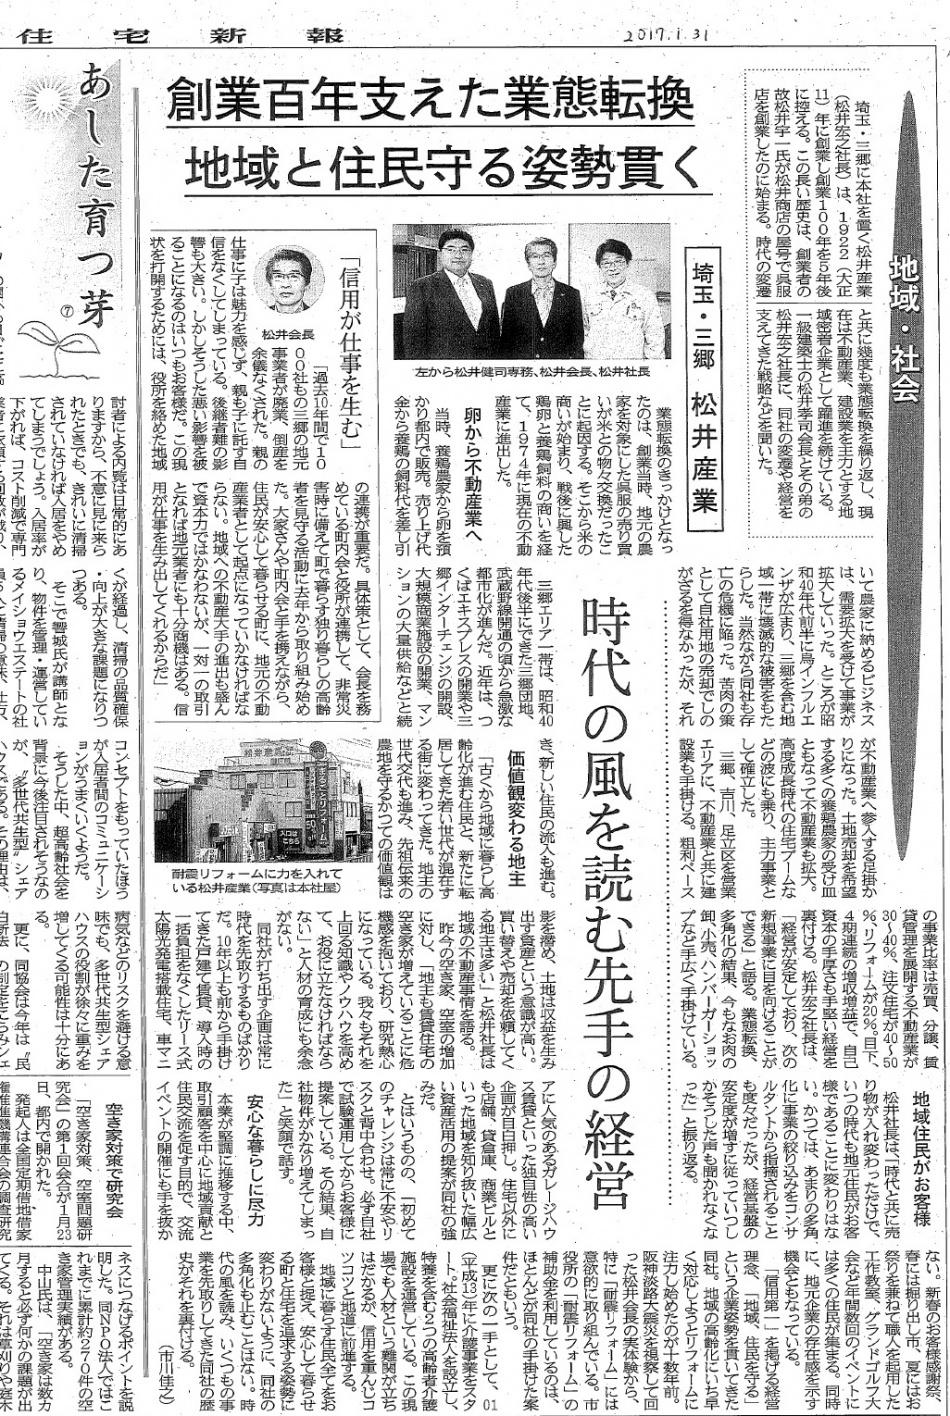 住宅新報20170131a